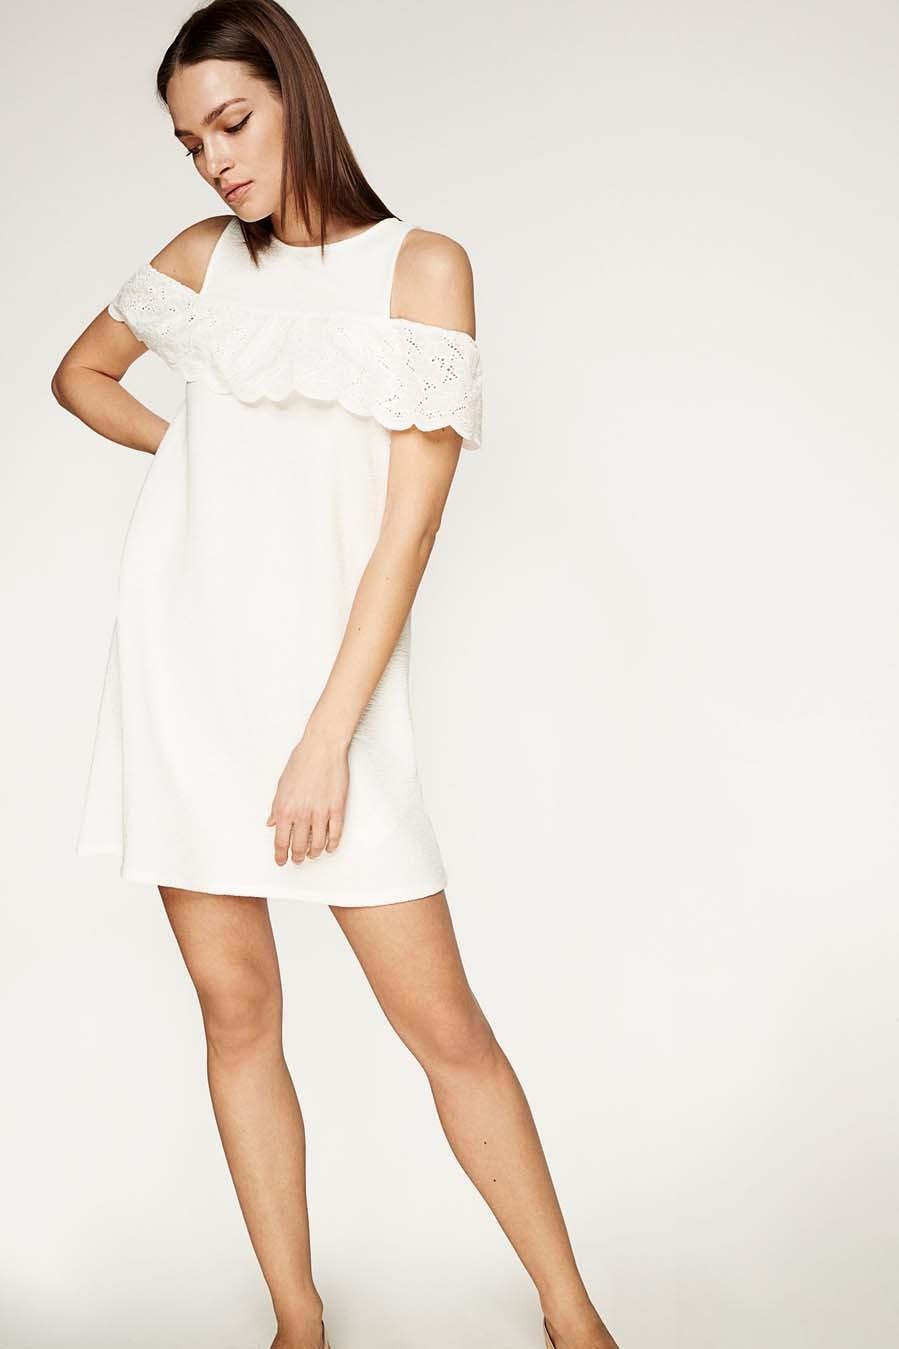 Ver fotos de vestidos blancos